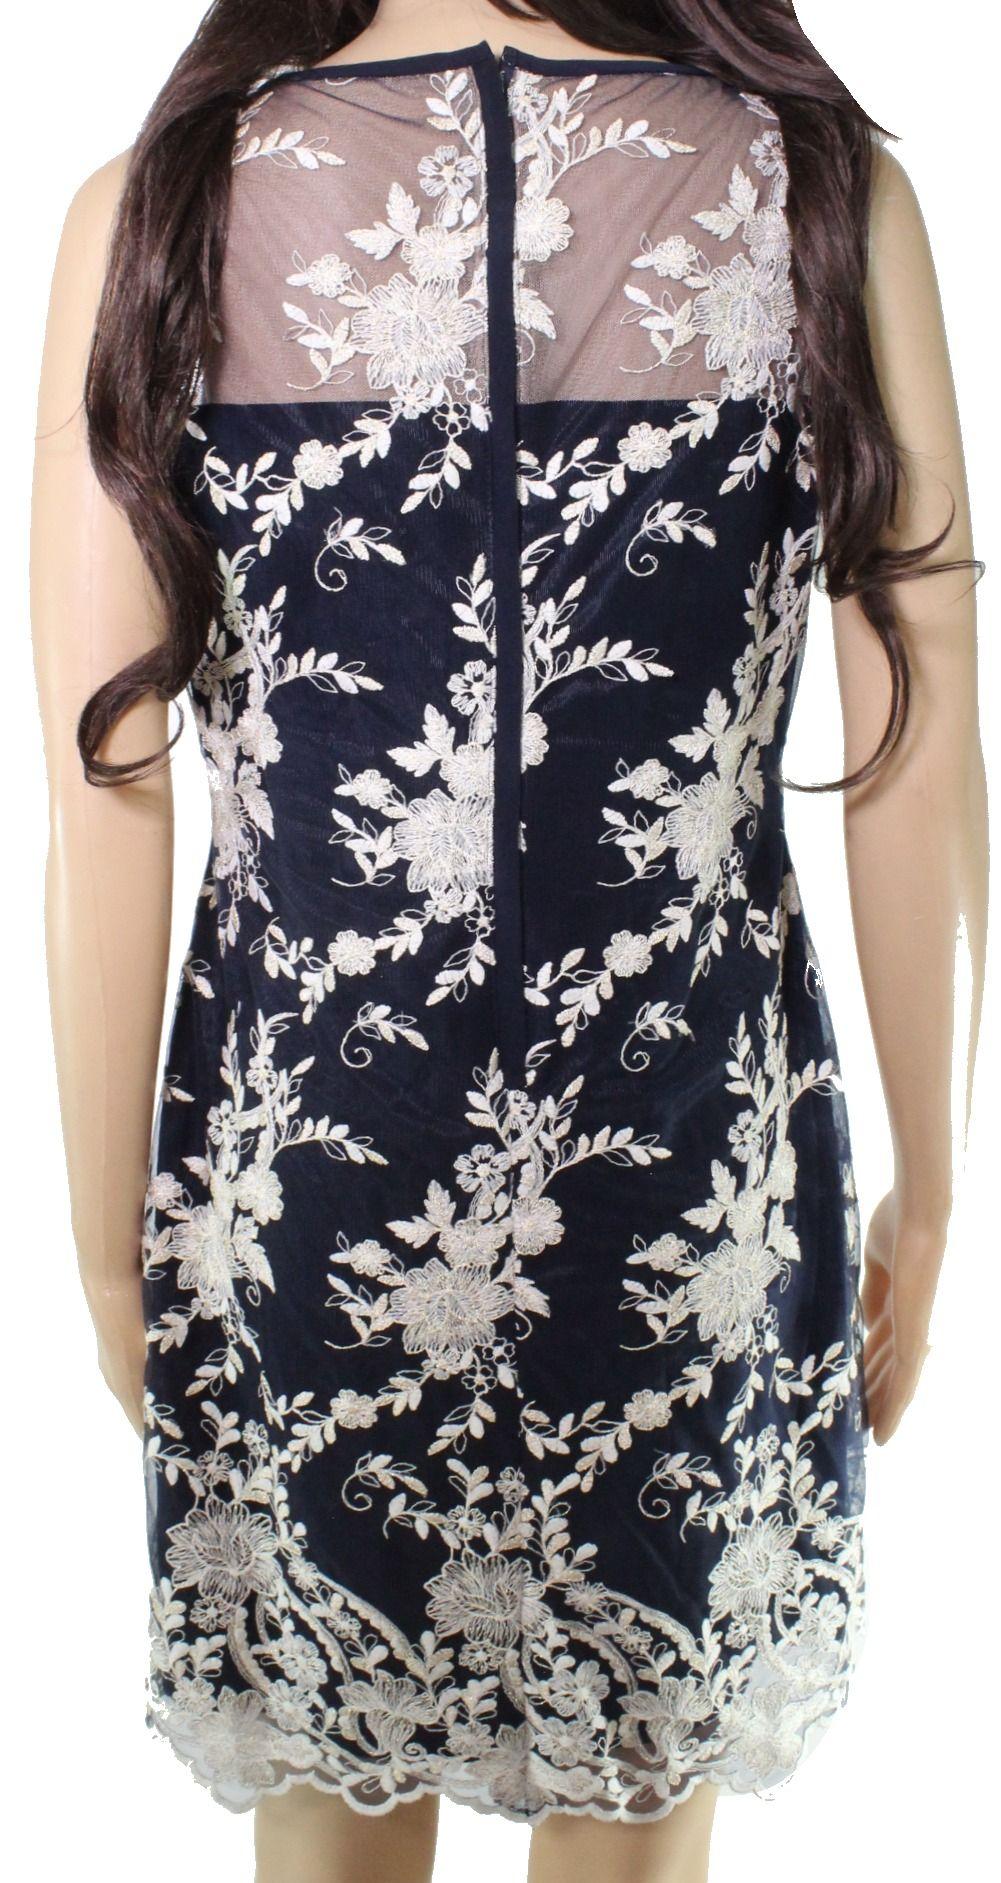 Lauren by Ralph Lauren Women's Dress Blue 6P Petite Sheath Embroidered